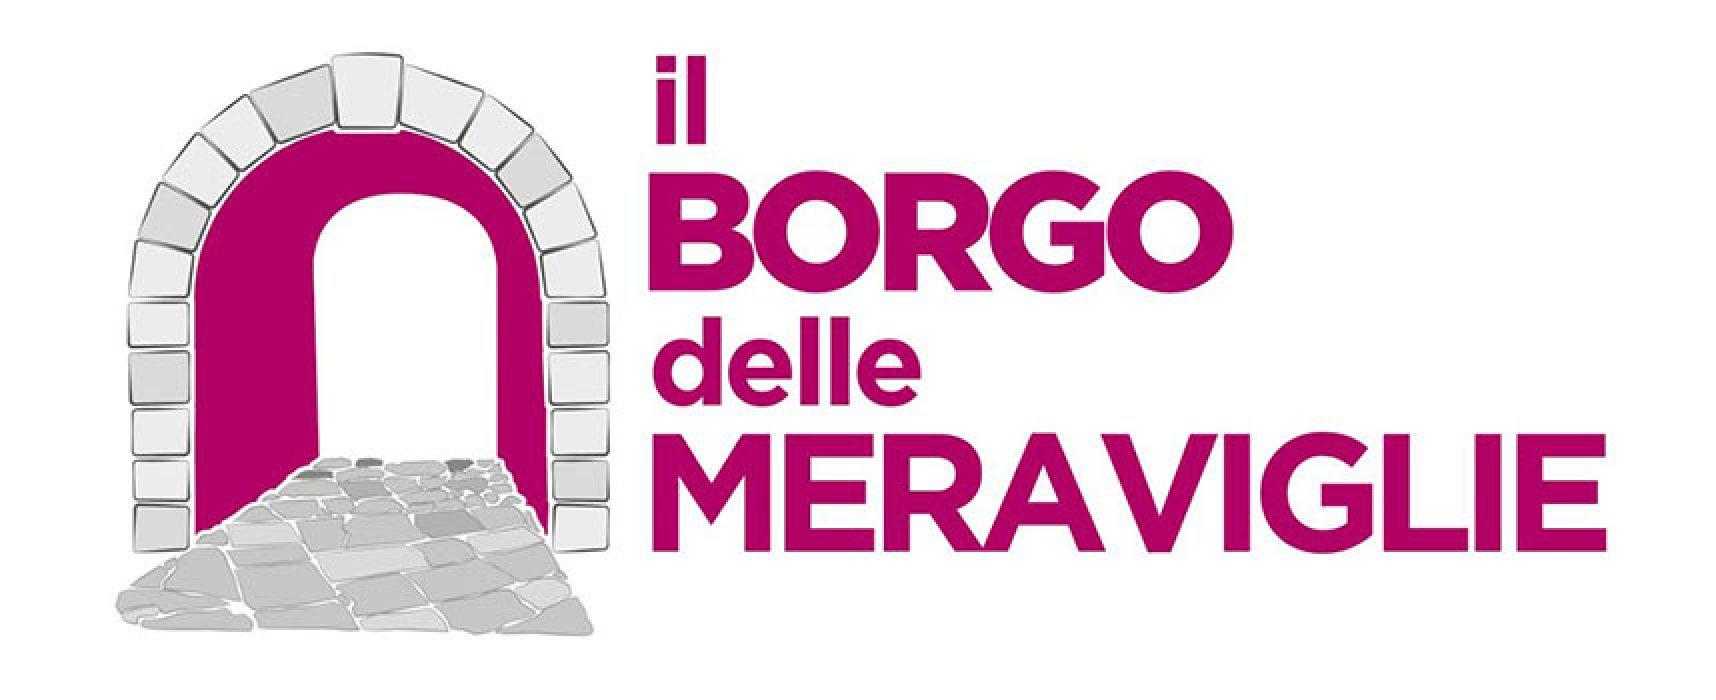 Il Borgo delle Meraviglie: dal 4 luglio il centro storico si anima con botteghe e negozi